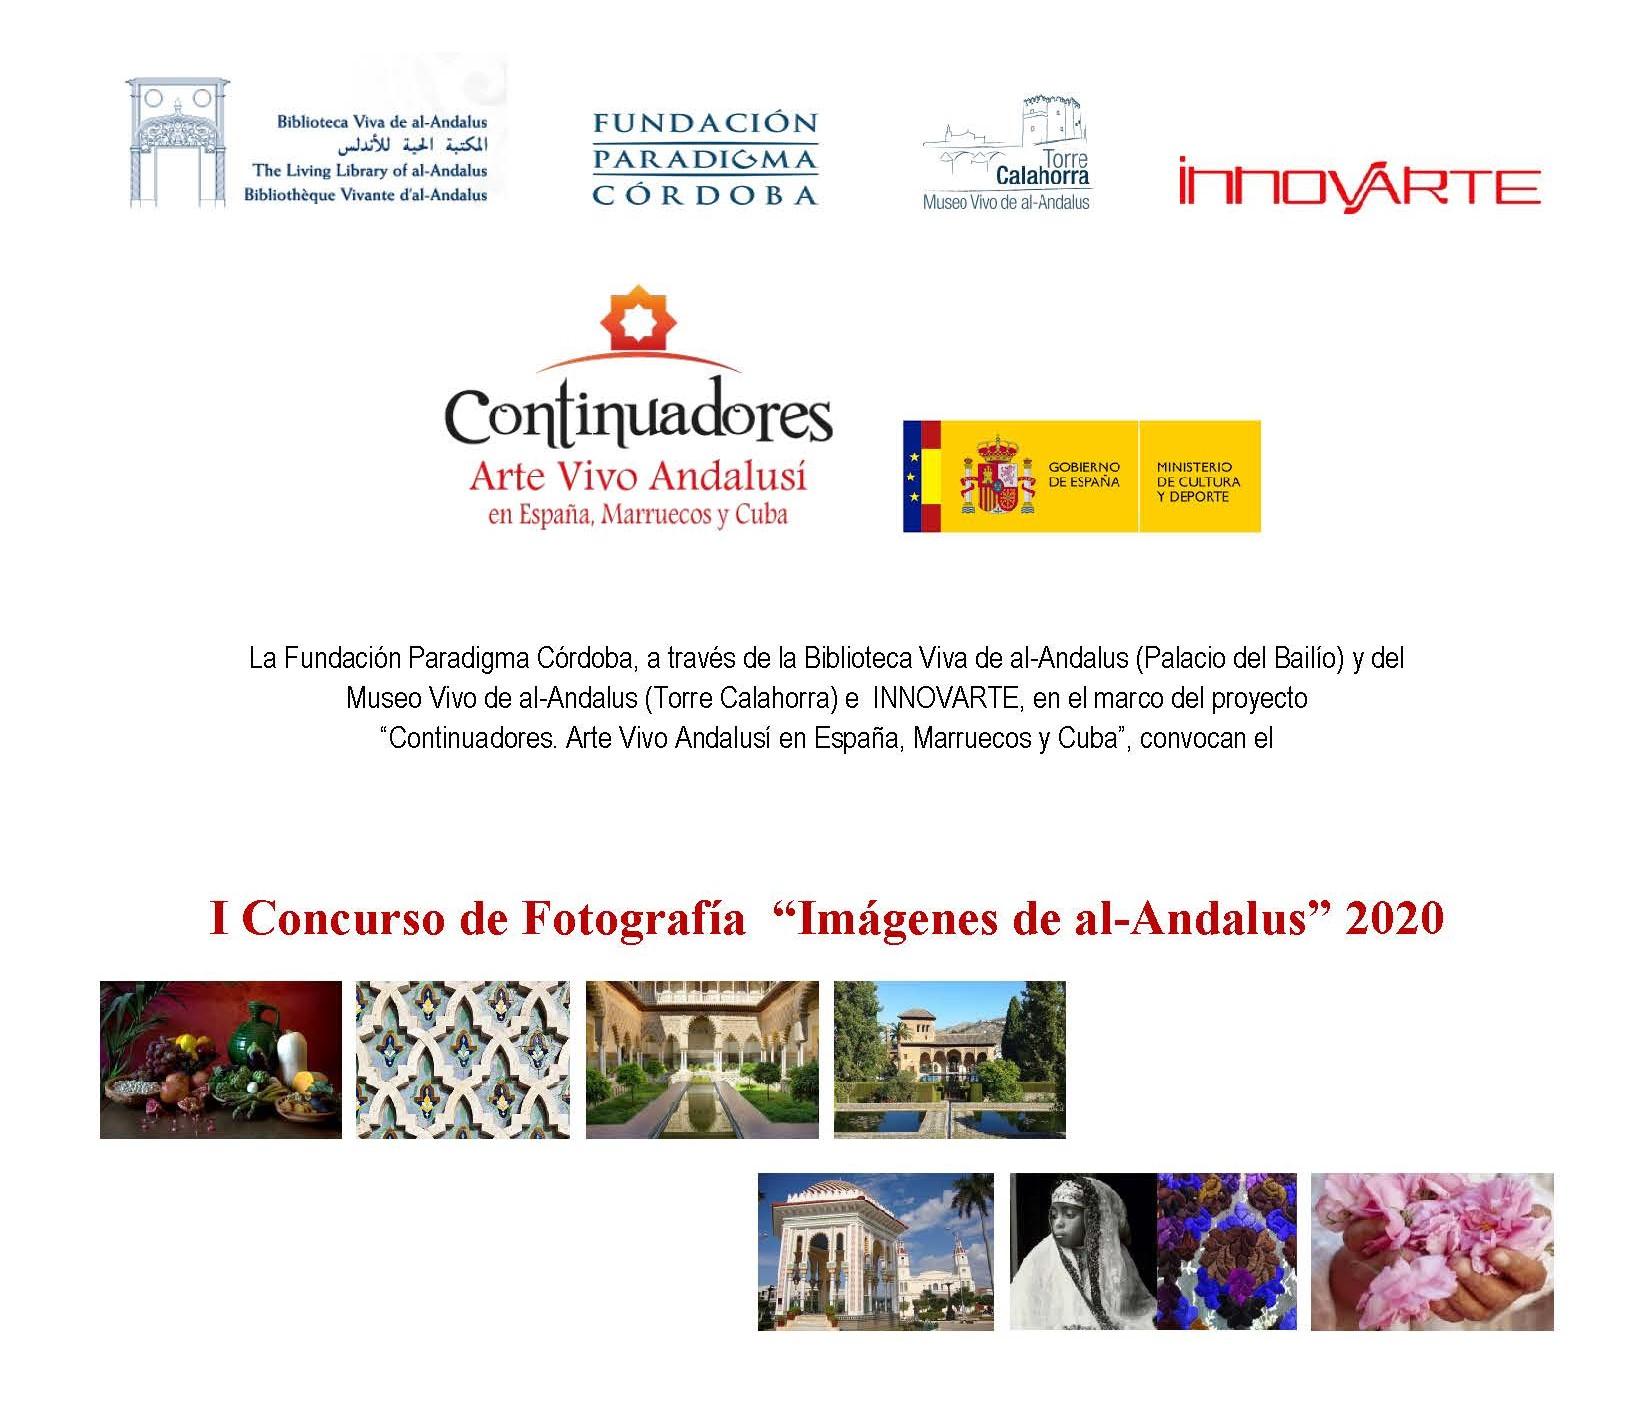 """I Concurso de Fotografía """"Imágenes de al-Andalus"""" 2020"""